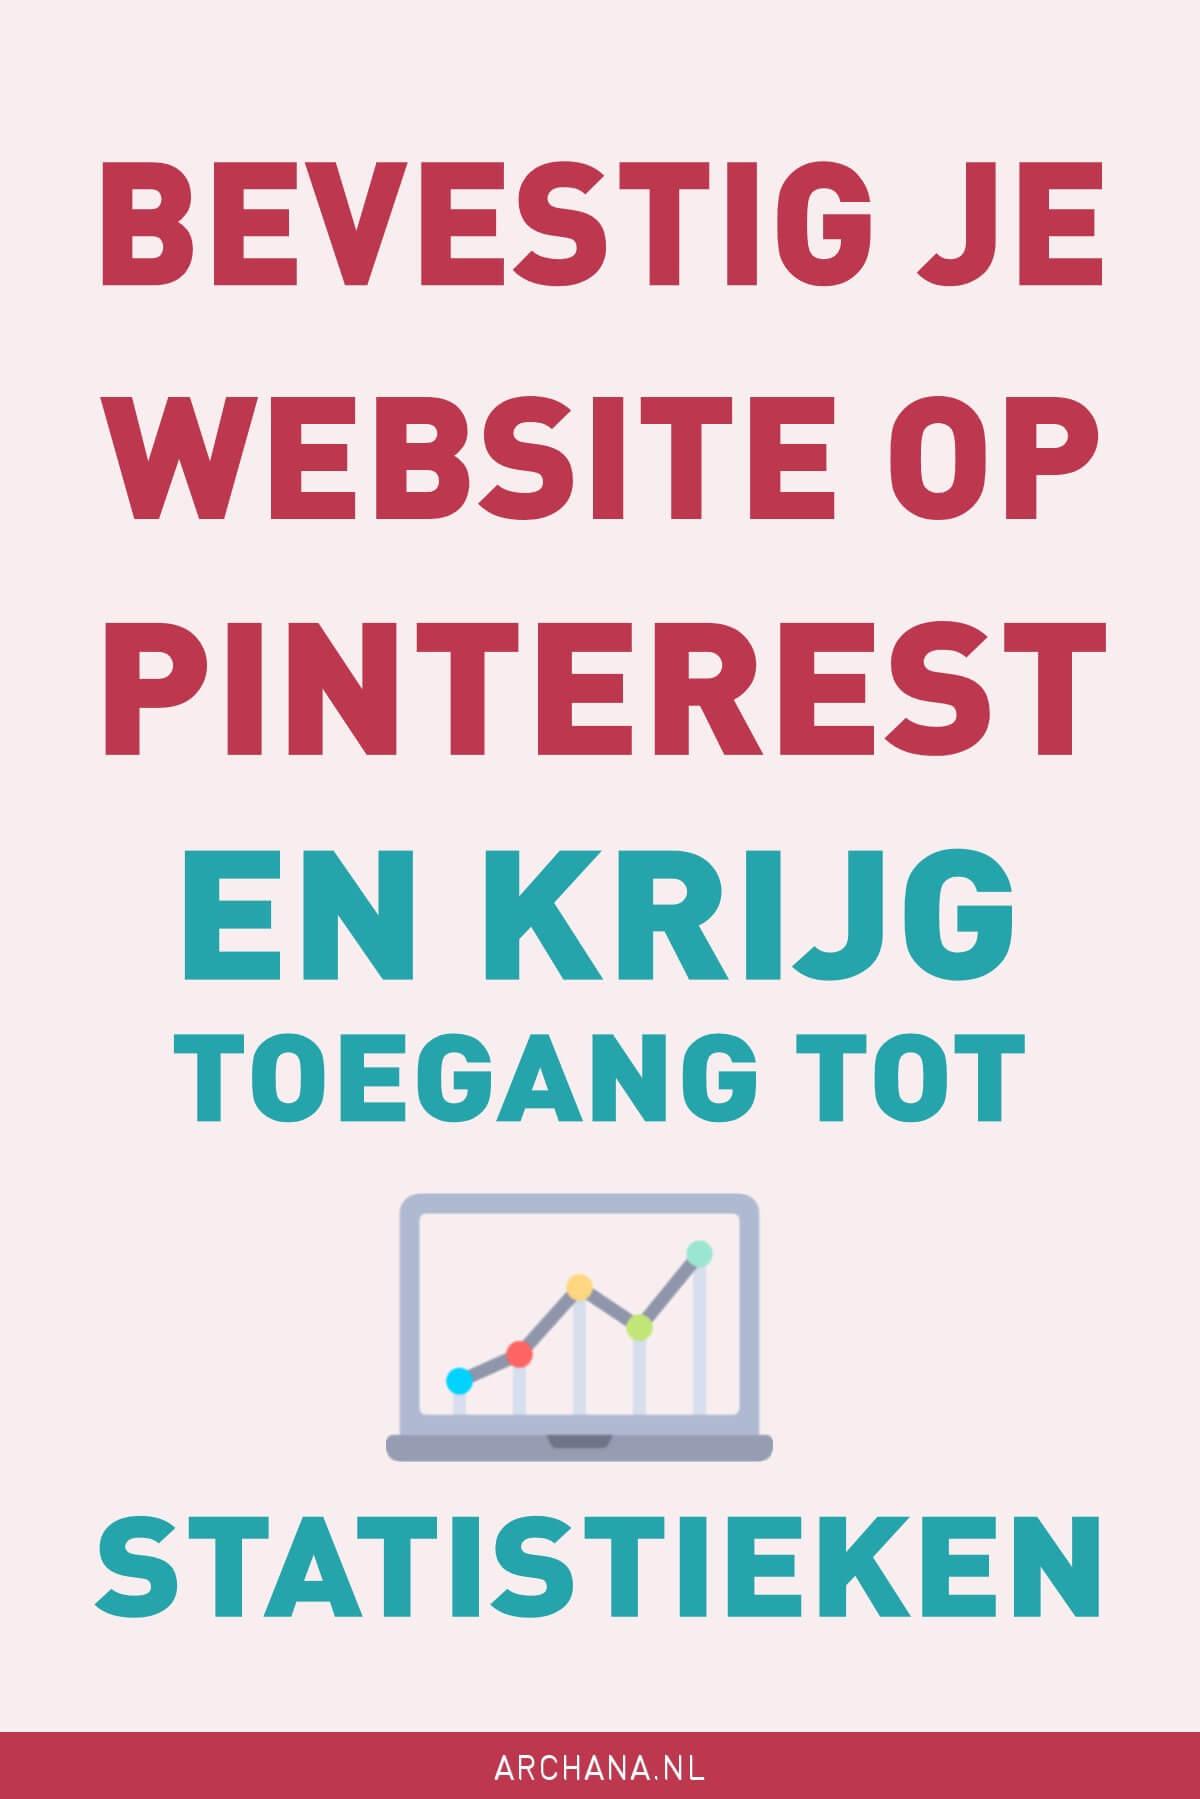 Bevestig je website op Pinterest en krijg toegang tot statistieken | ARCHANA.NL